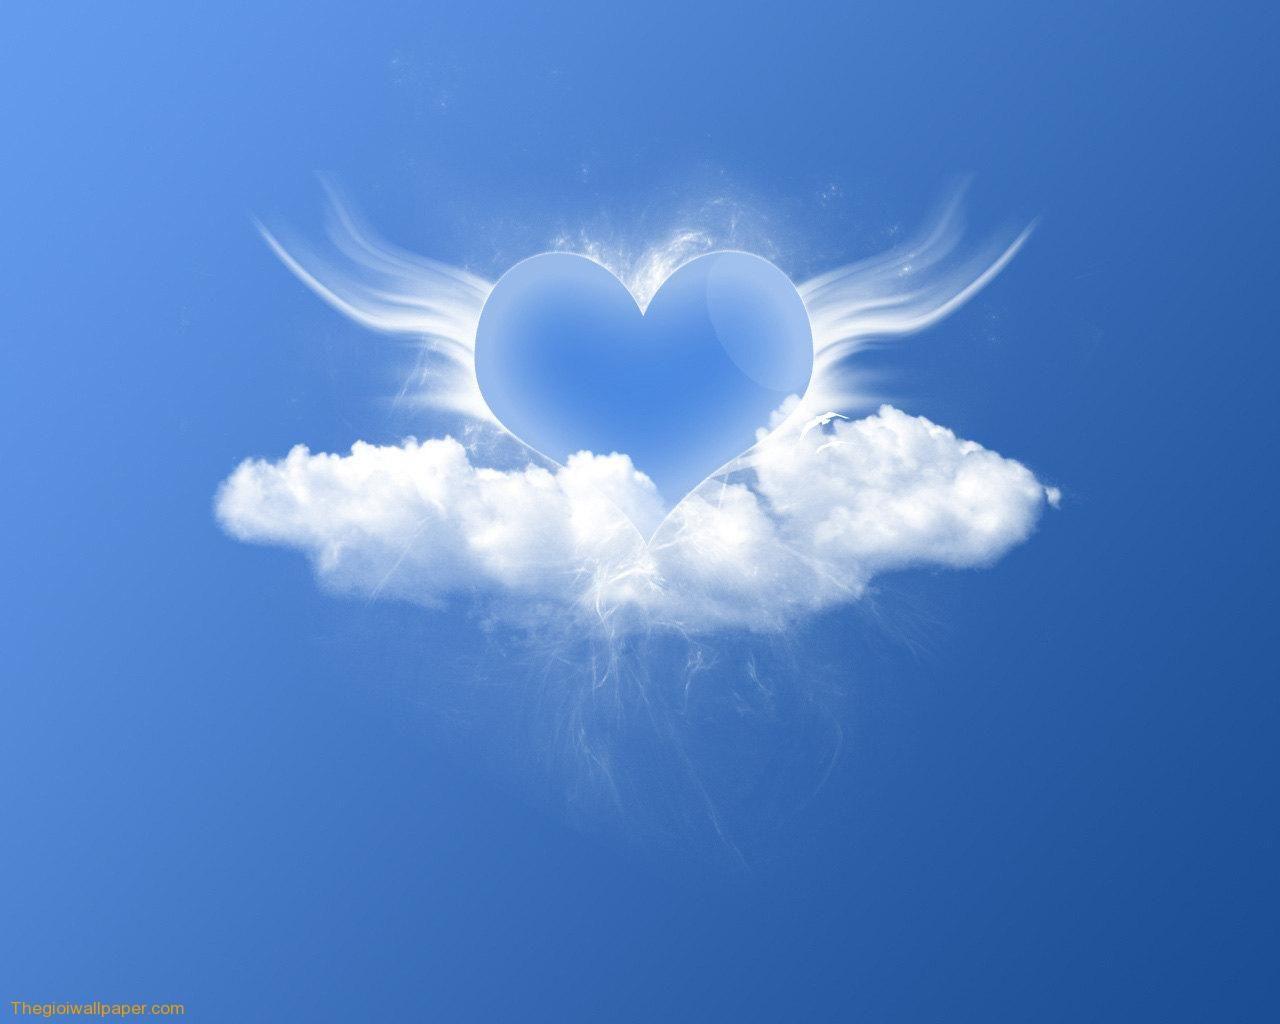 heart pictures love | ωєℓ¢σмє тσ нєανєη σƒ ℓσνє ƒαιℓυяє